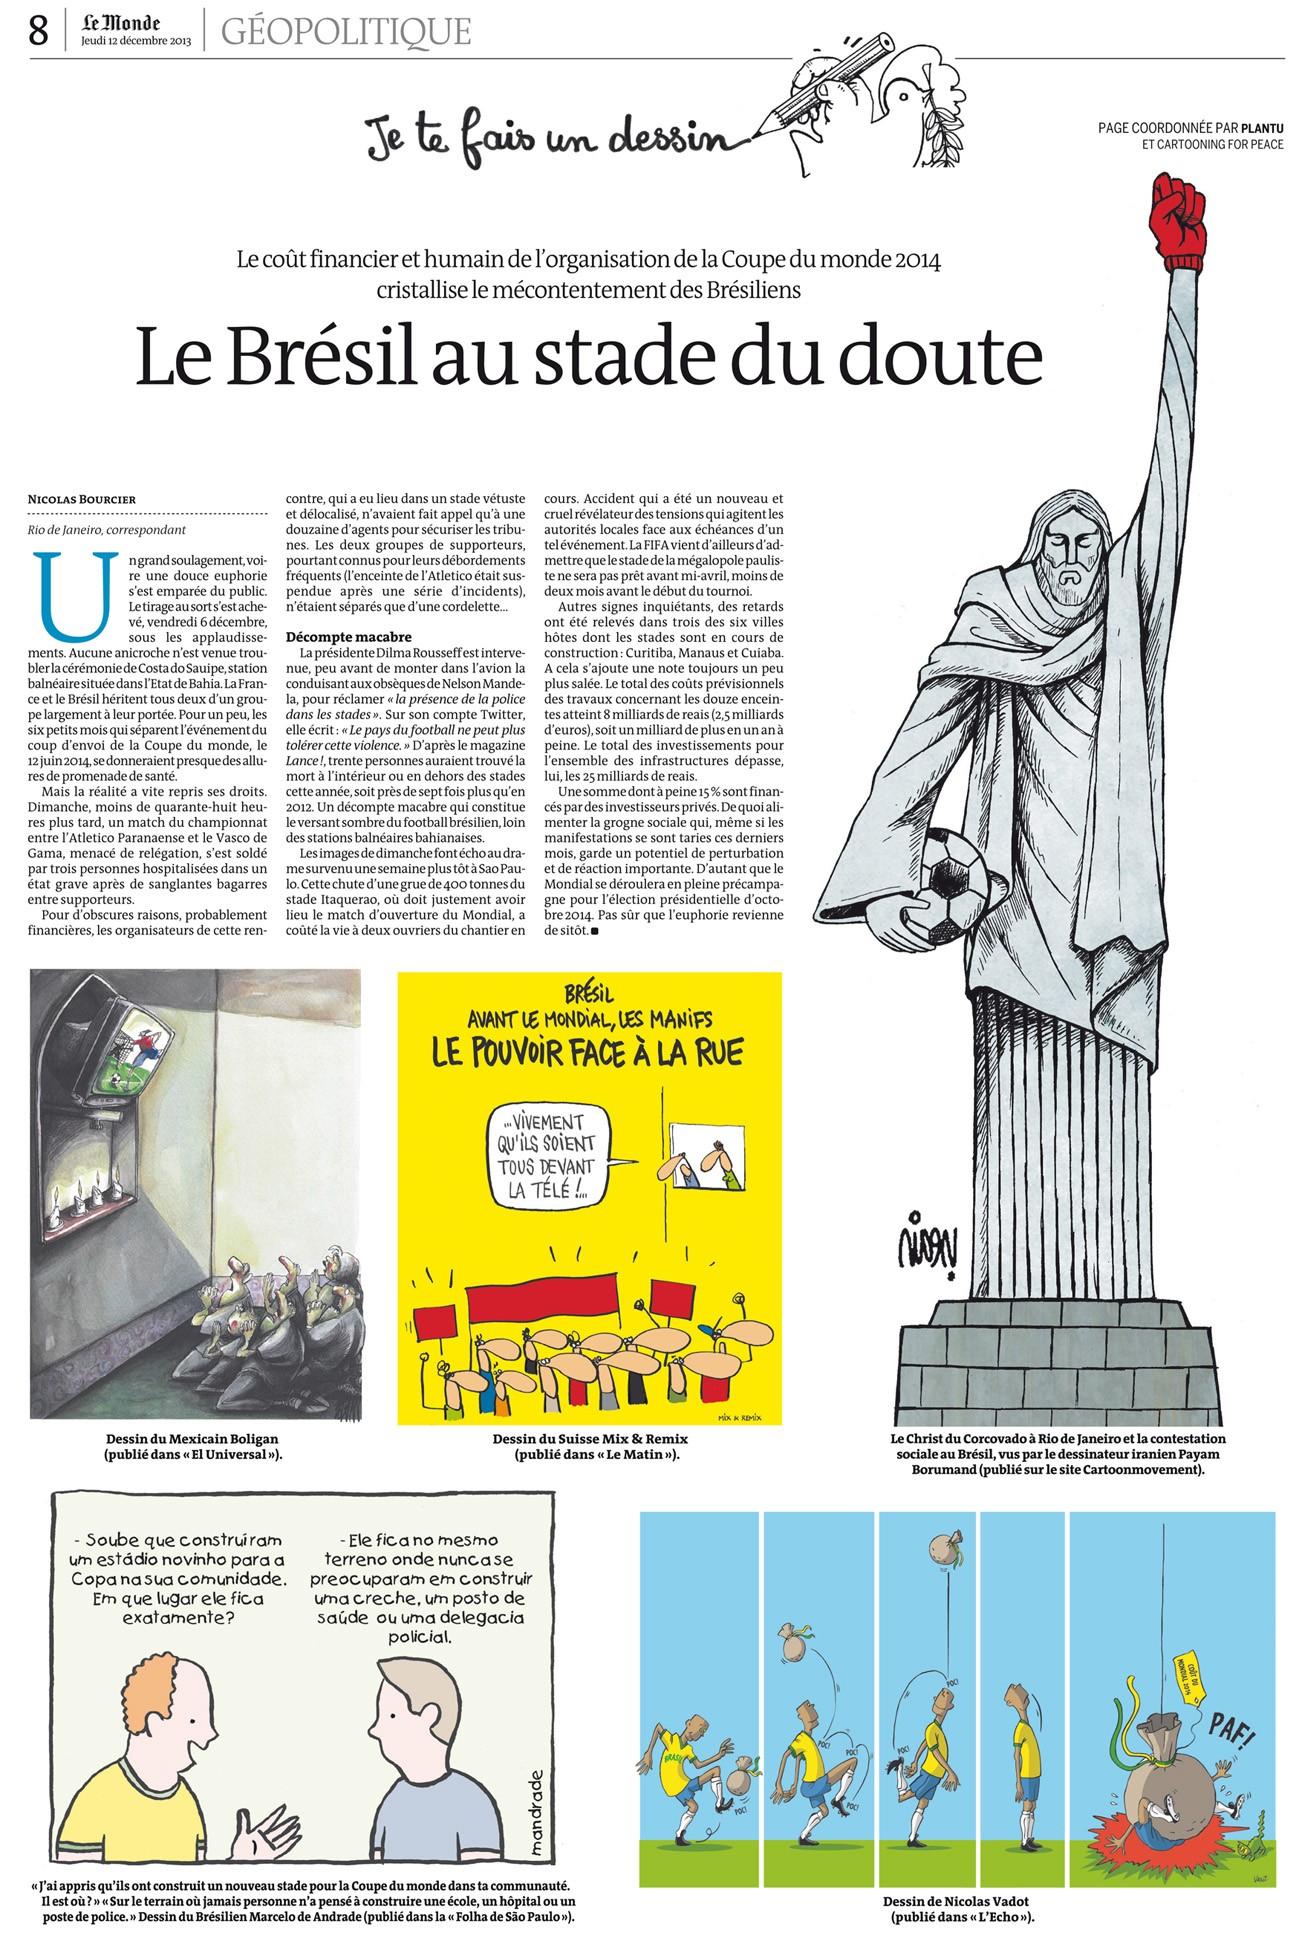 Le Monde ― 12 dez° 2013 página inteira